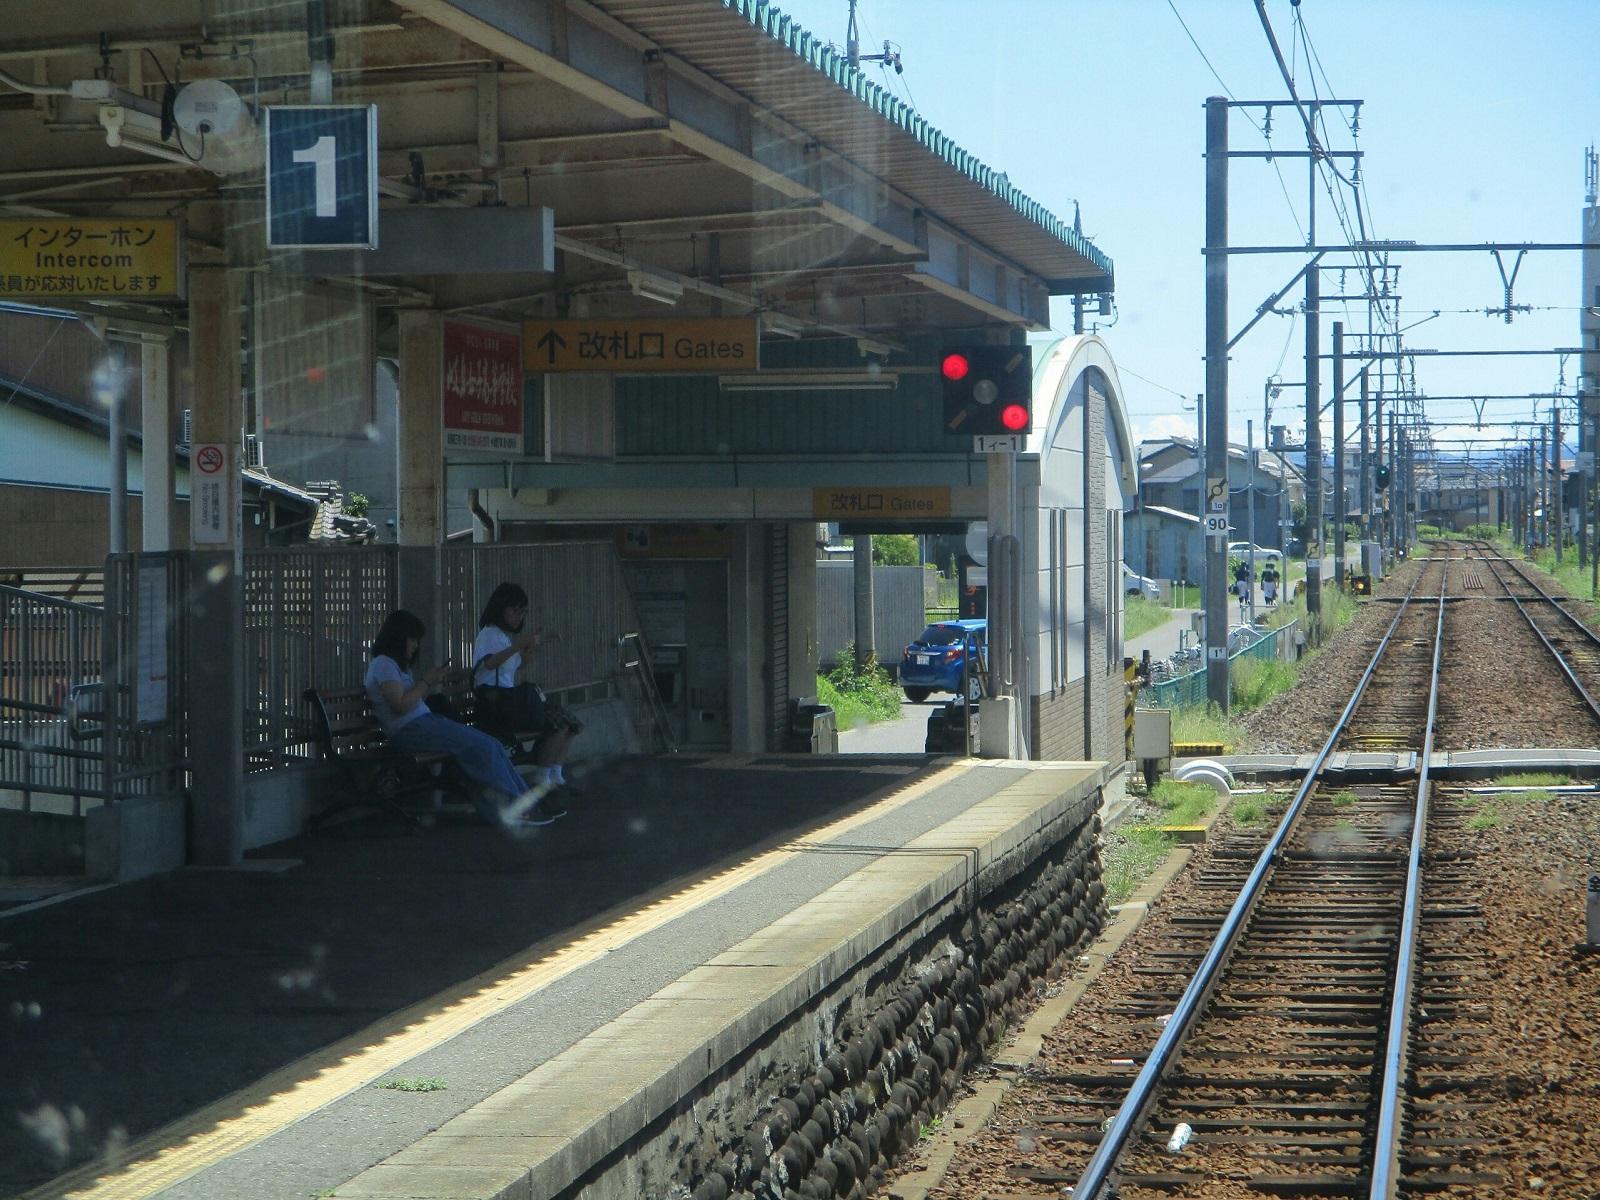 2018.8.17 (44) 犬山いきふつう - 切通 1600-1200